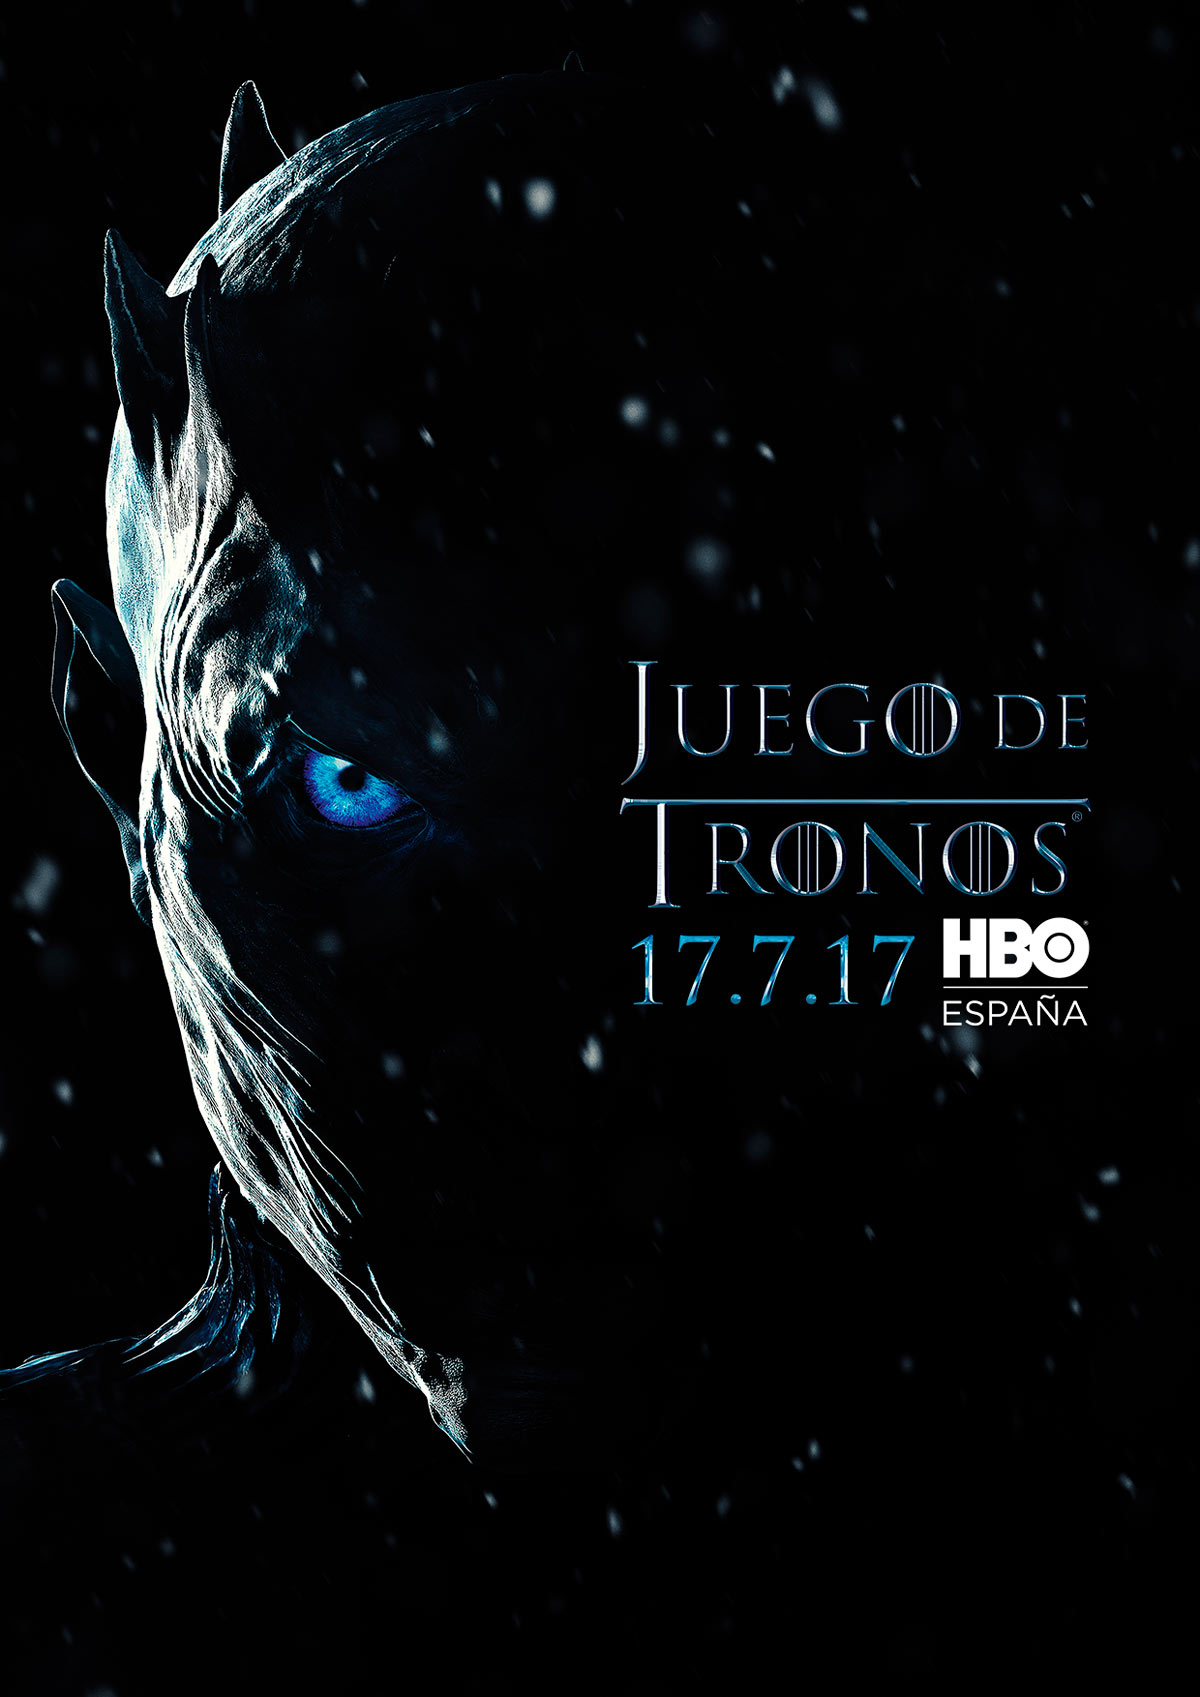 Juego de Tronos Temporada 4 - SensaCine.com